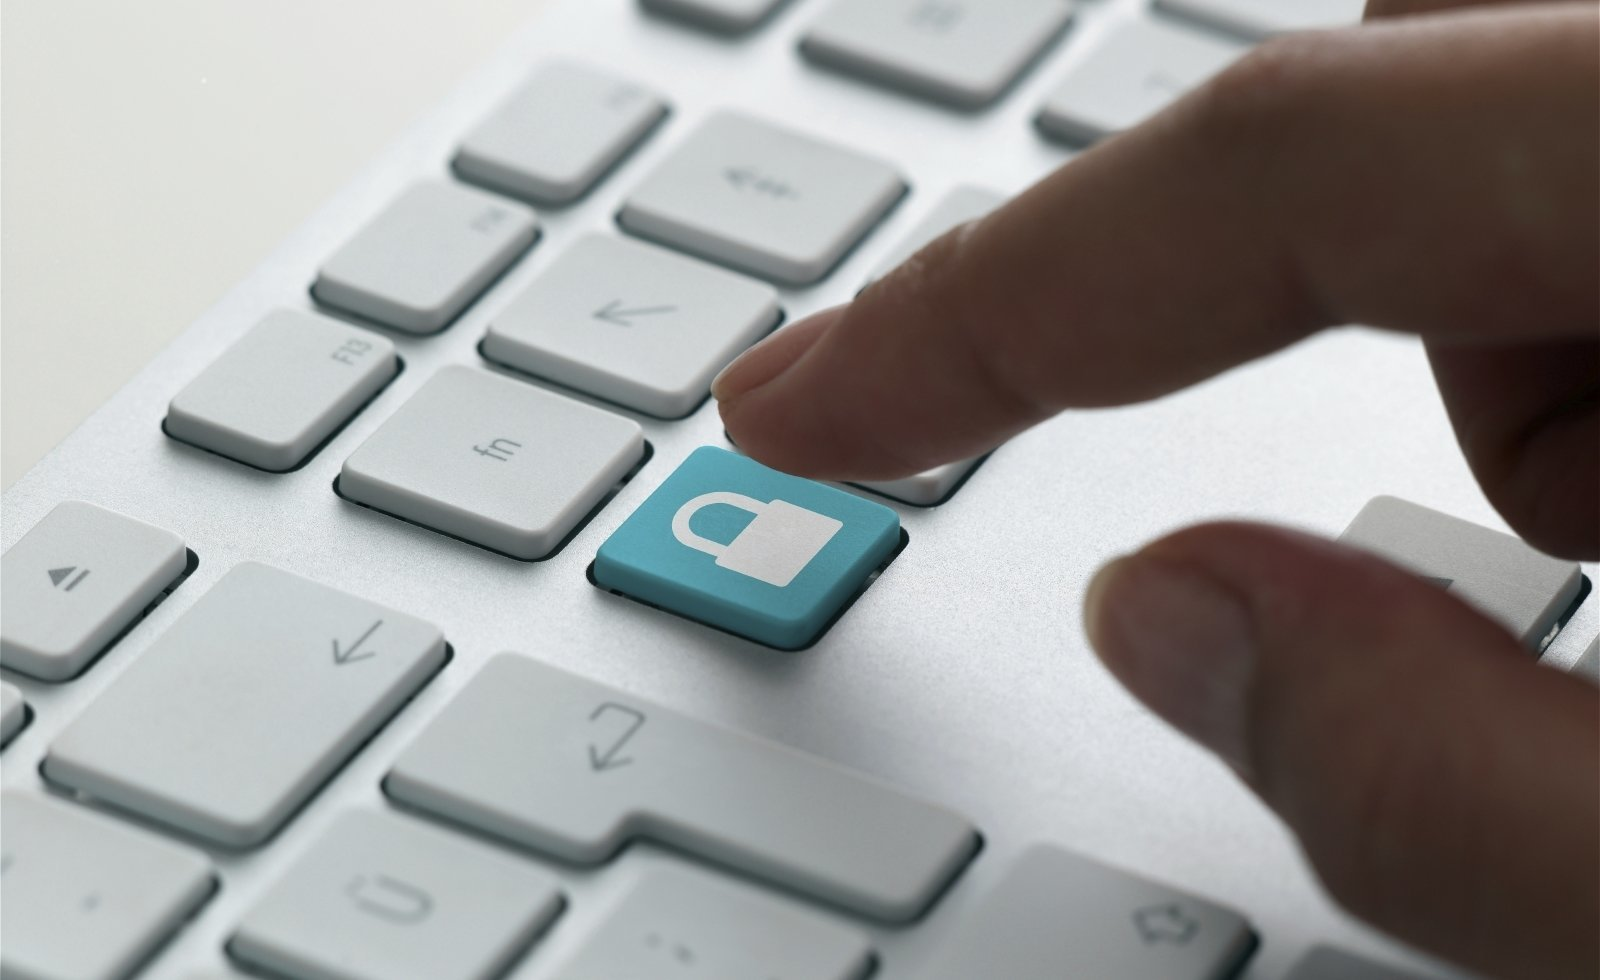 Jak eksperci dbają o bezpieczeństwo w sieci? Bezpieczeństwo bezpieczenstwo w sieci mediarun com 1